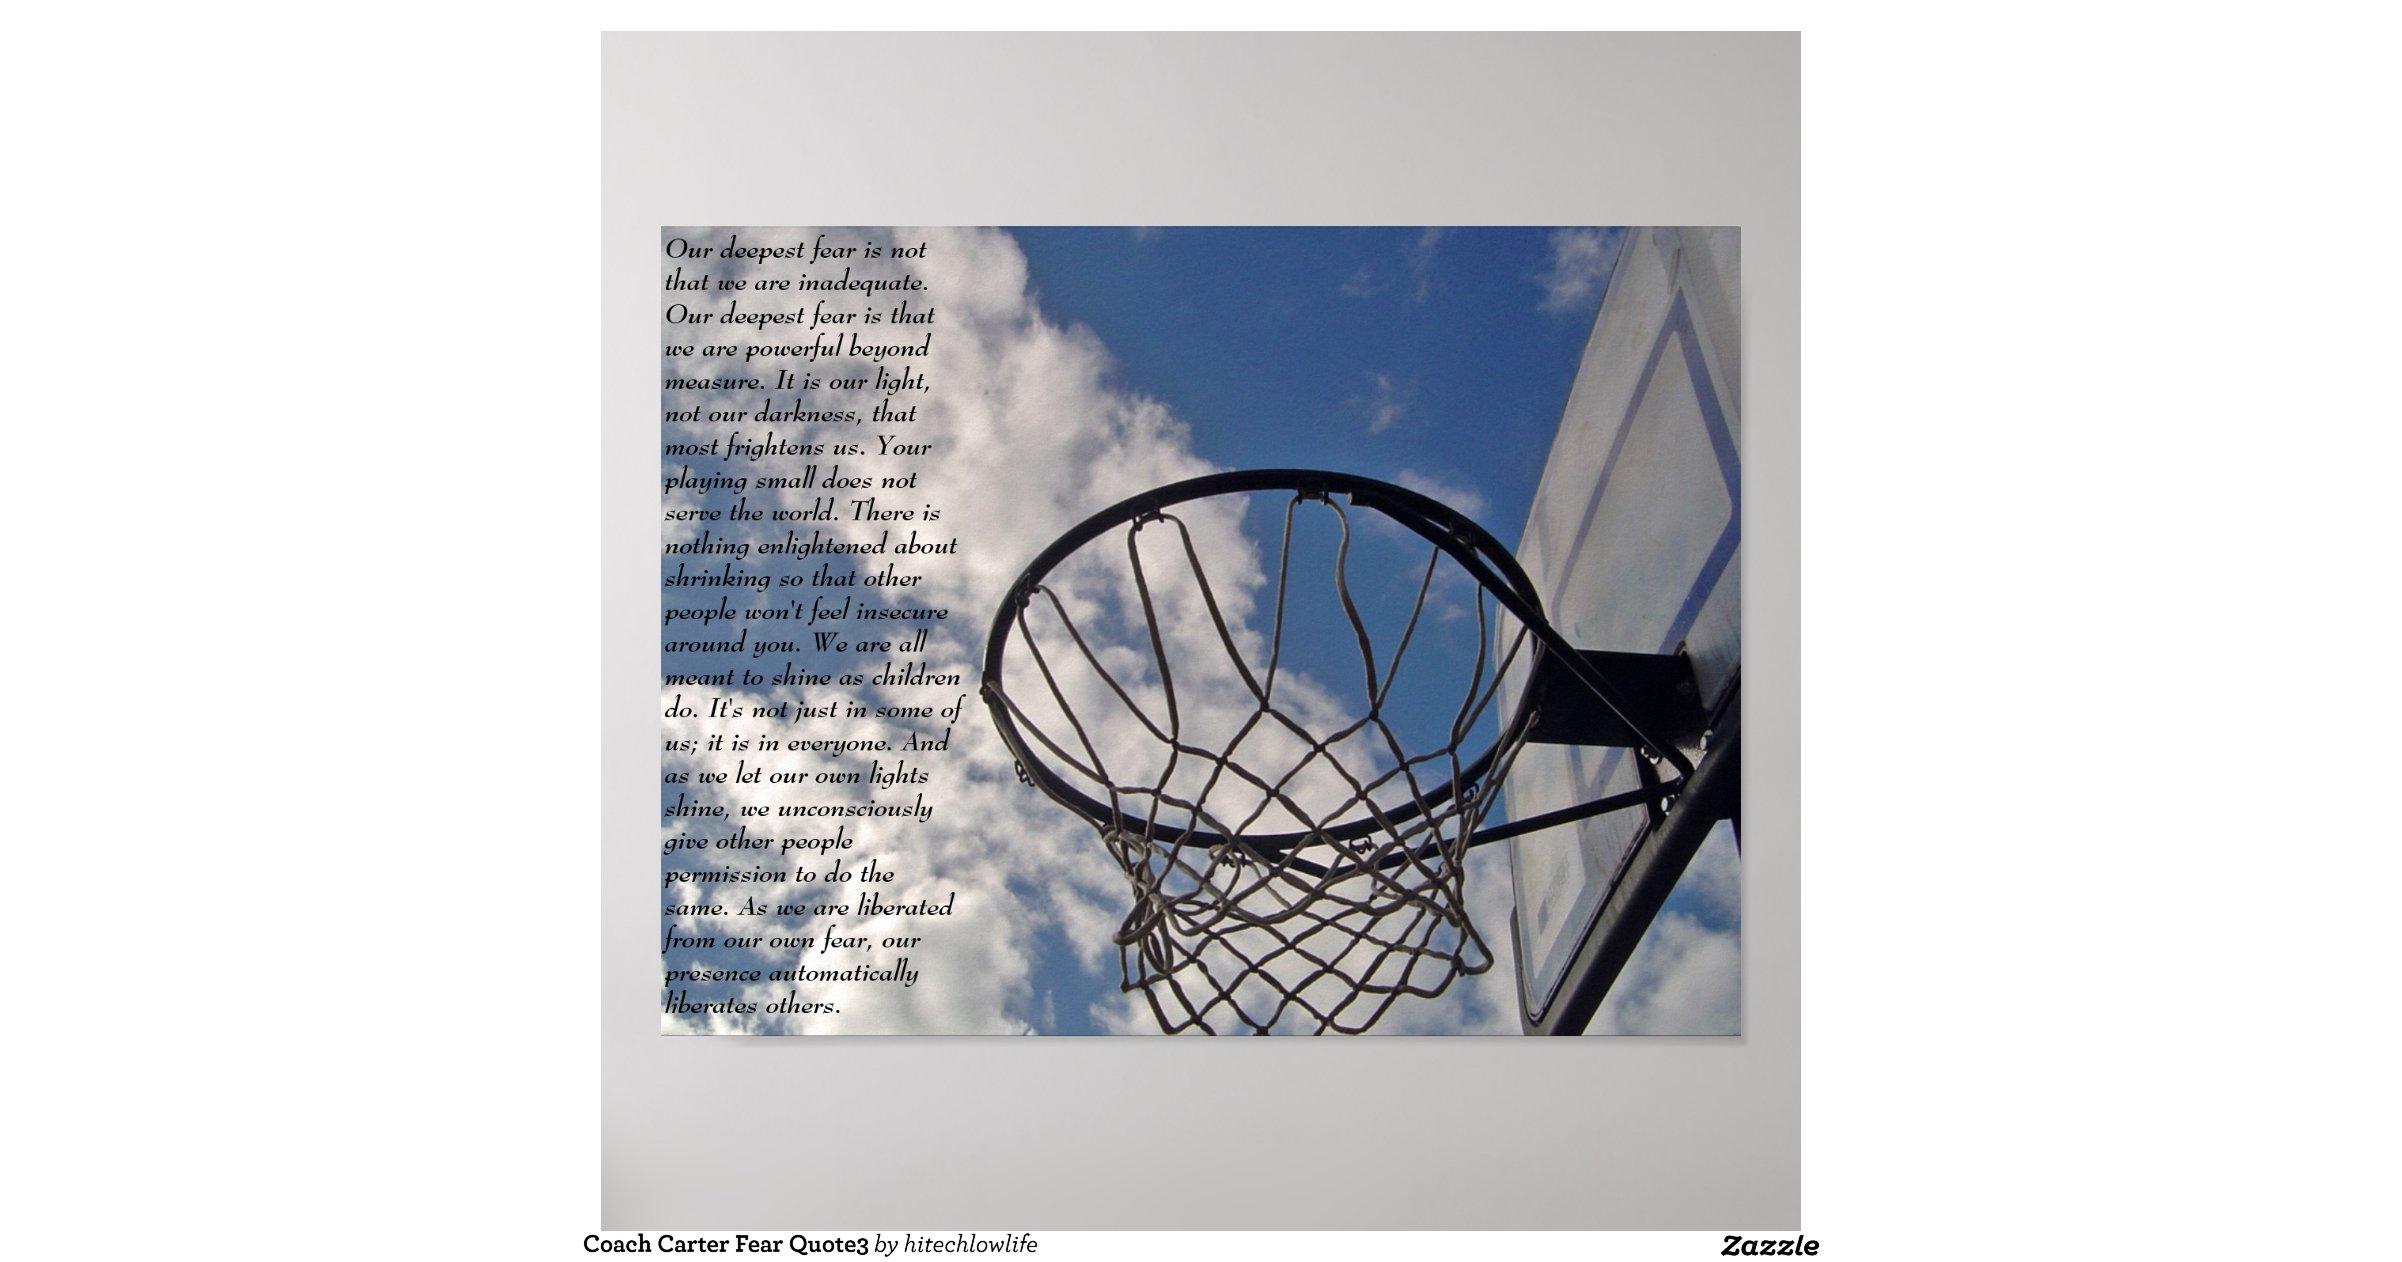 Rick Gonzalez Coach Carter